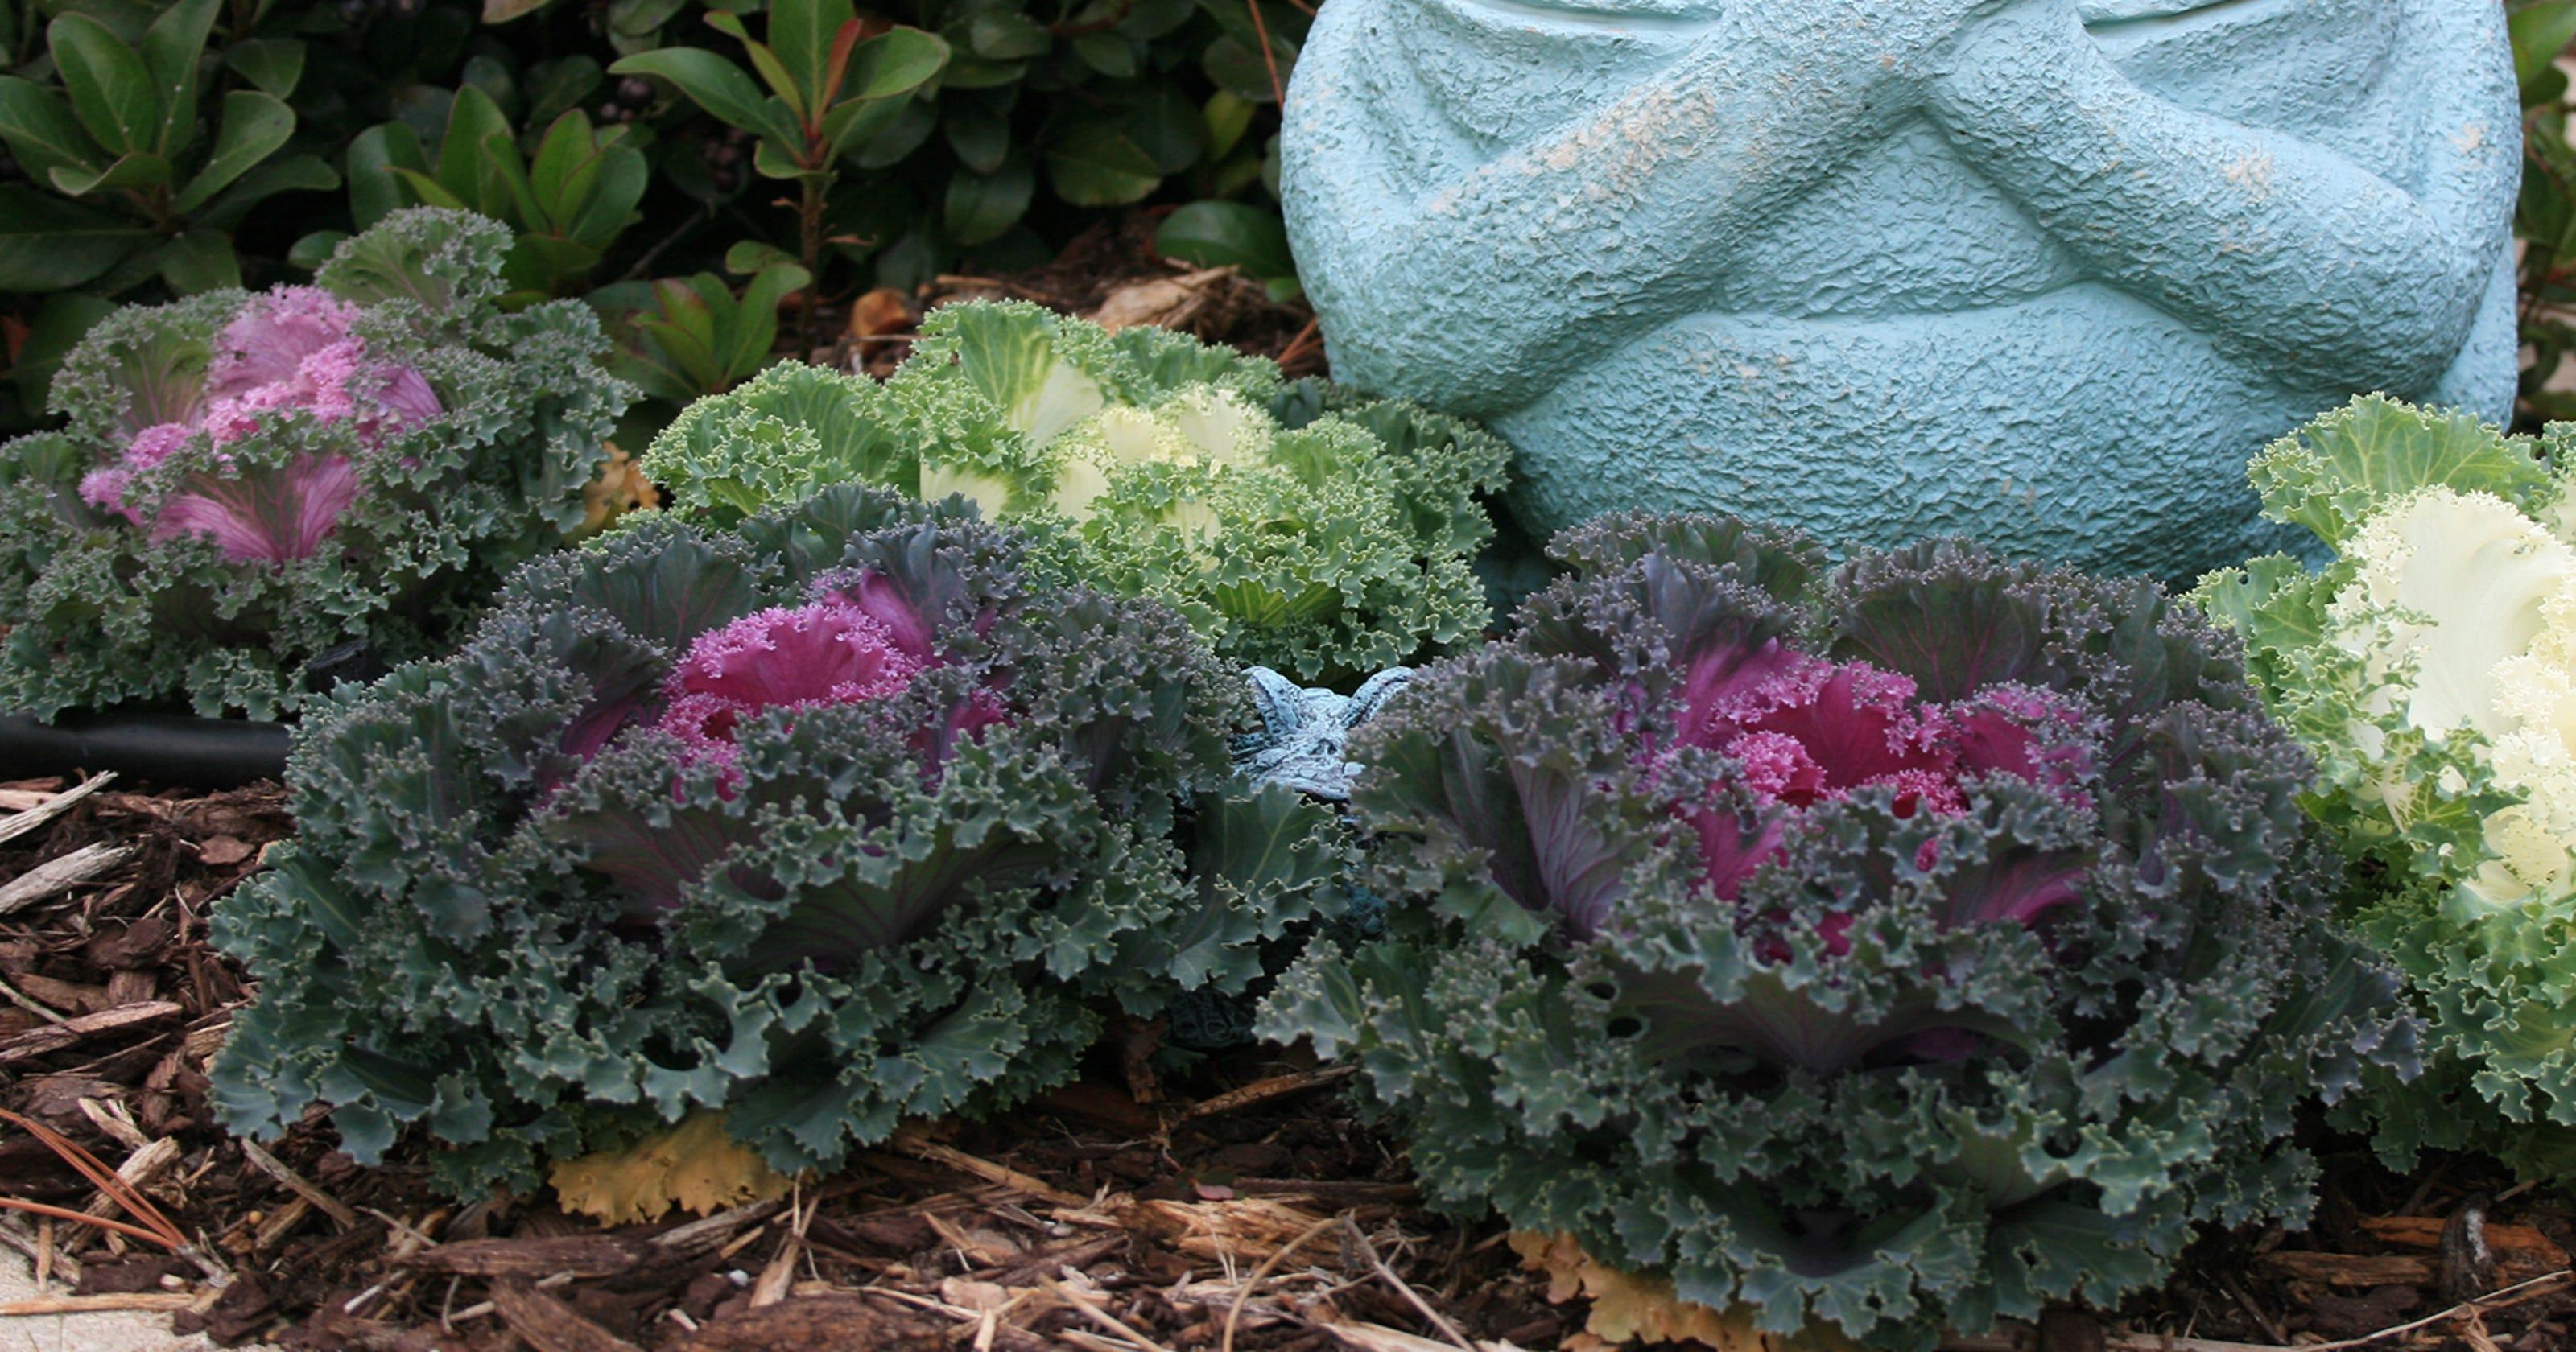 Ornamental Cabbage Kale Make Excellent Winter Color